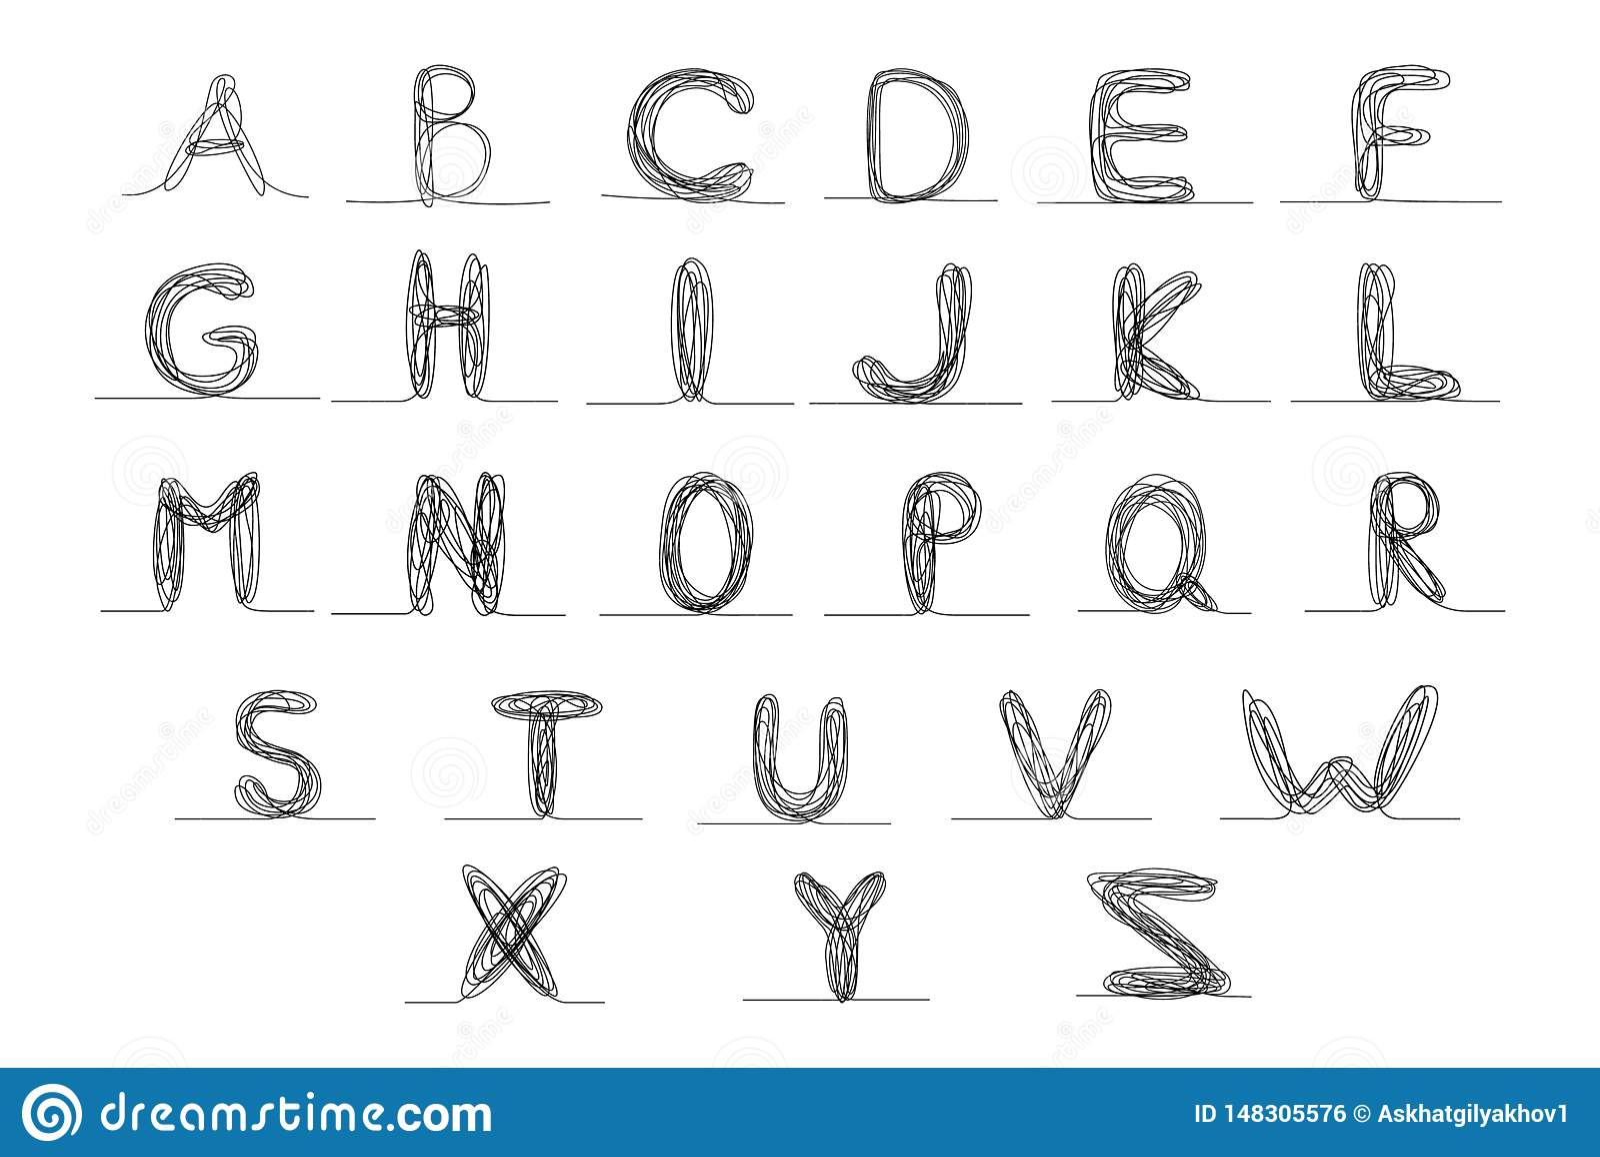 Une ligne continue alphabet anglais, illustration de vecteur